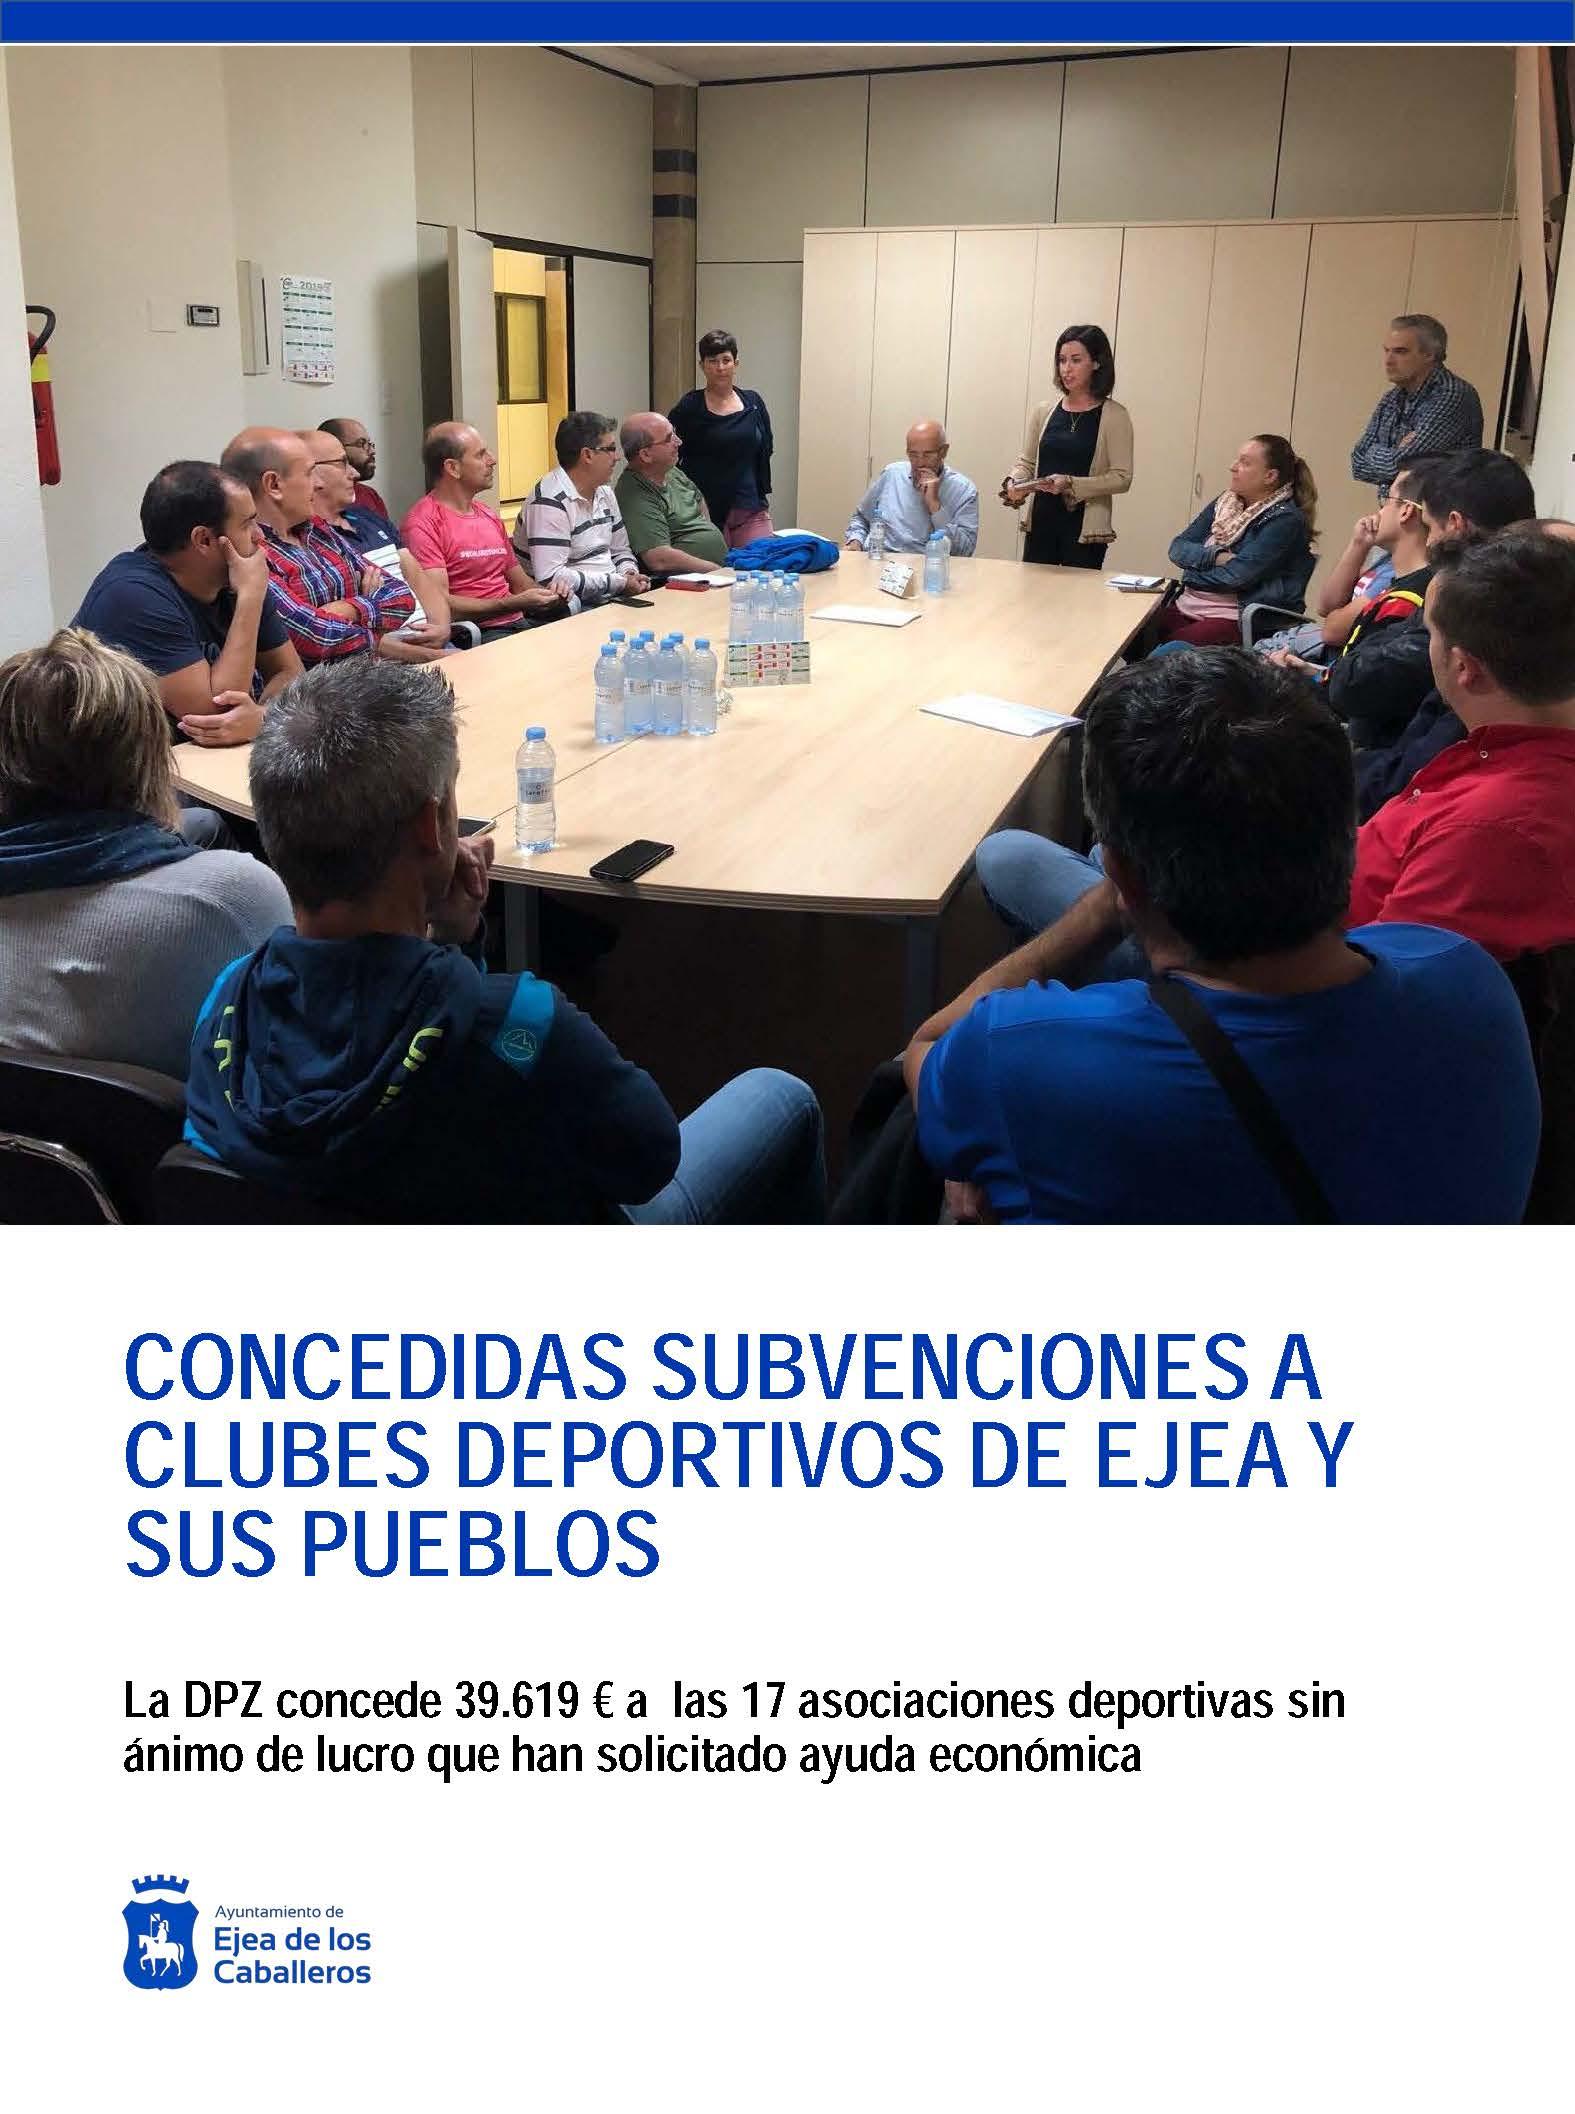 La Diputación Provincia de Zaragoza concede ayudas a clubes y asociaciones deportivas de Ejea de los Caballeros y sus pueblos